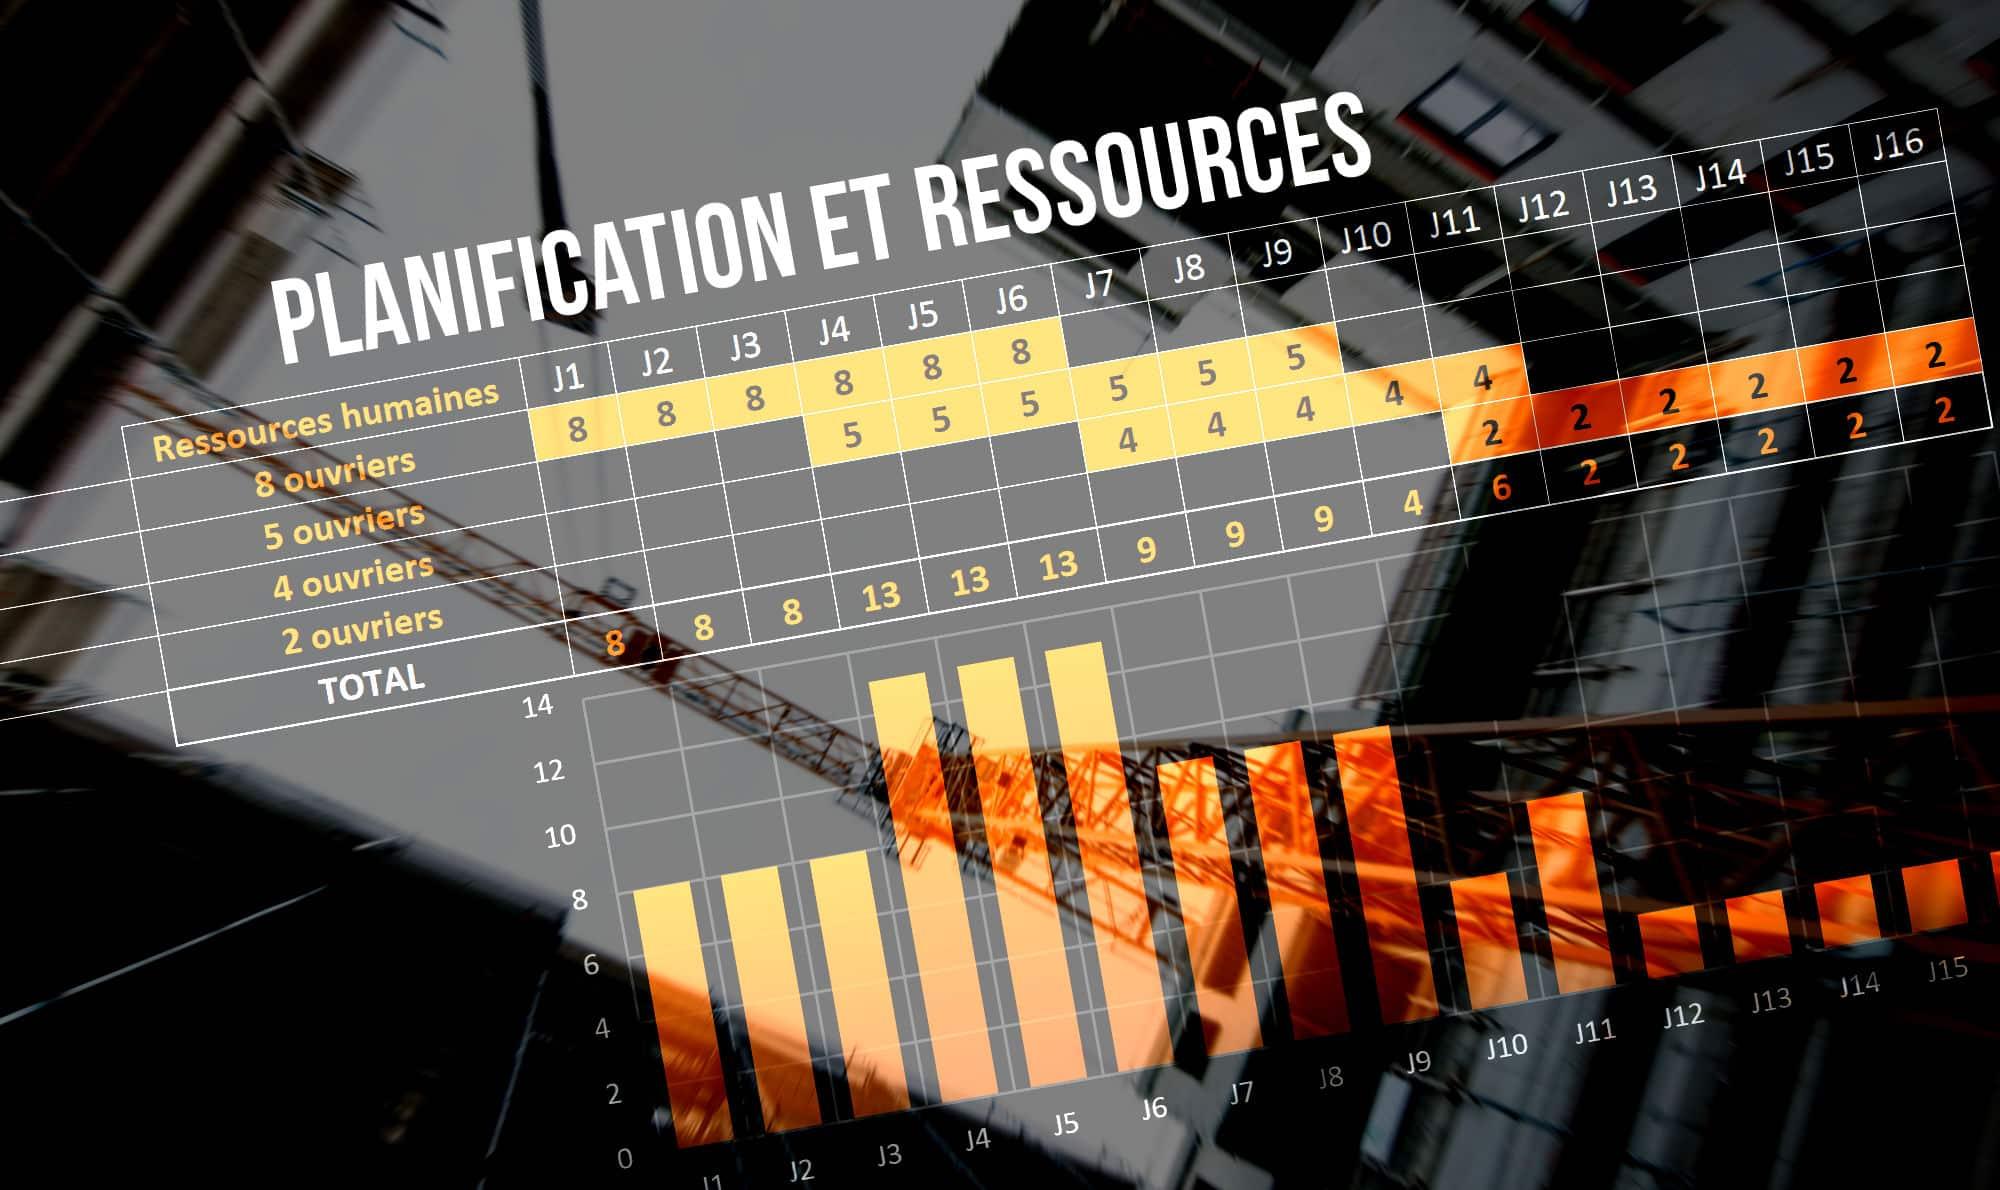 Les ressources et leur optimisation en planification de chantier